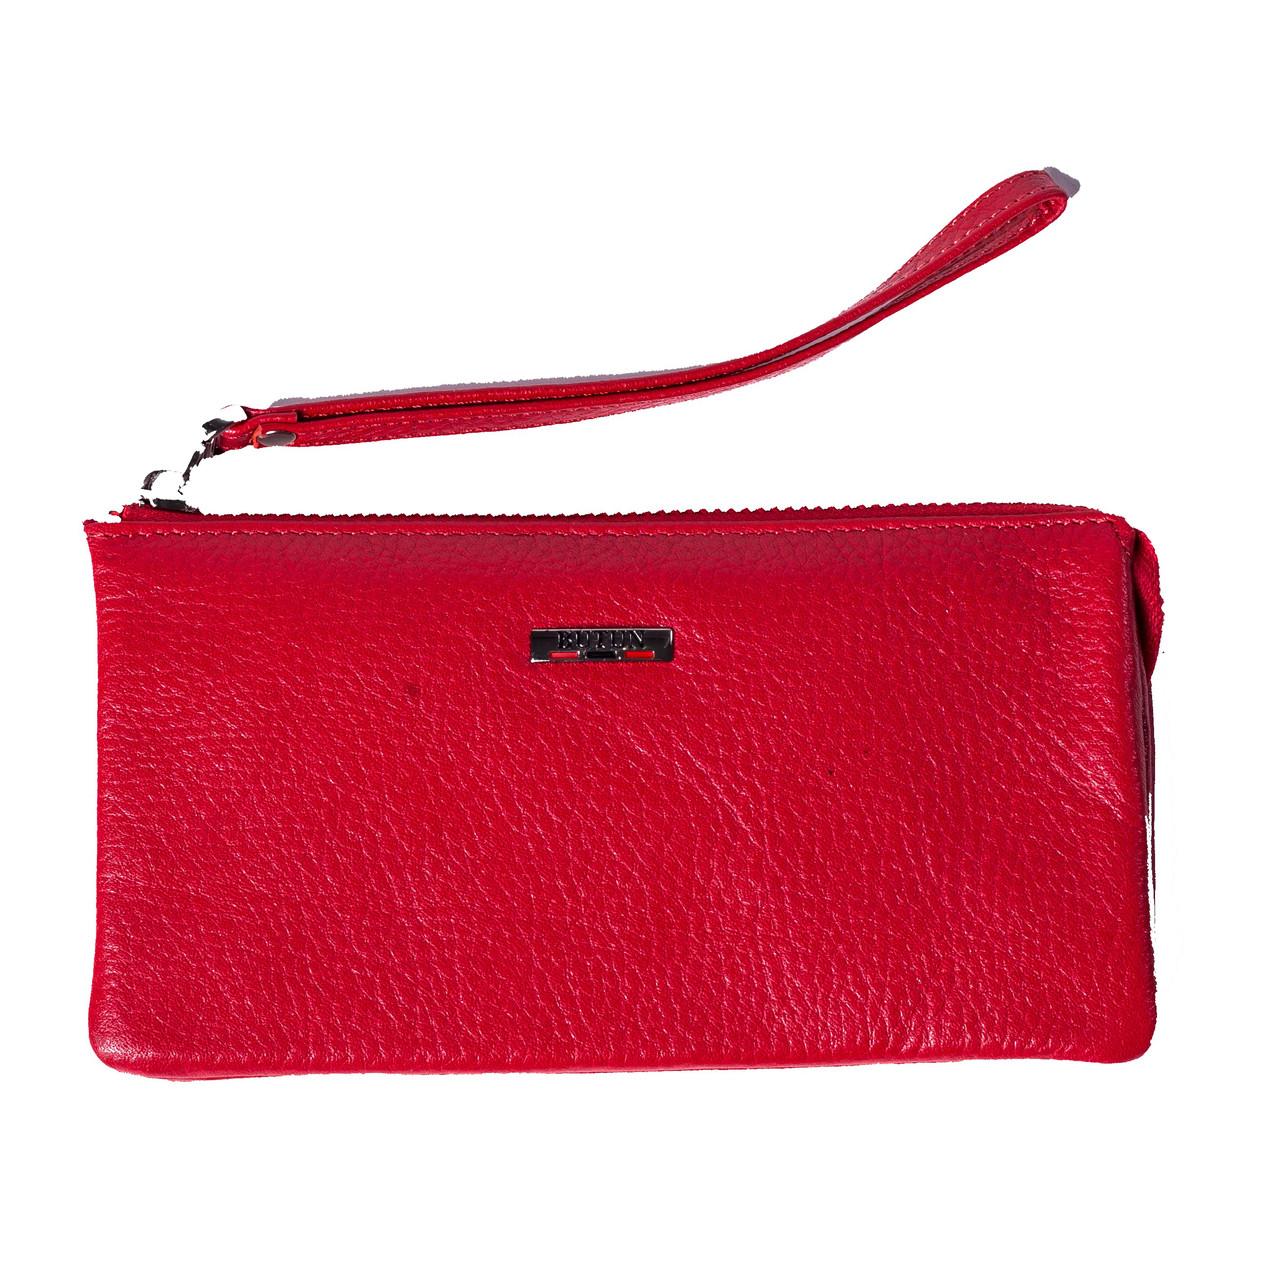 Женский кошелек Butun 662-004-006 кожаный красный